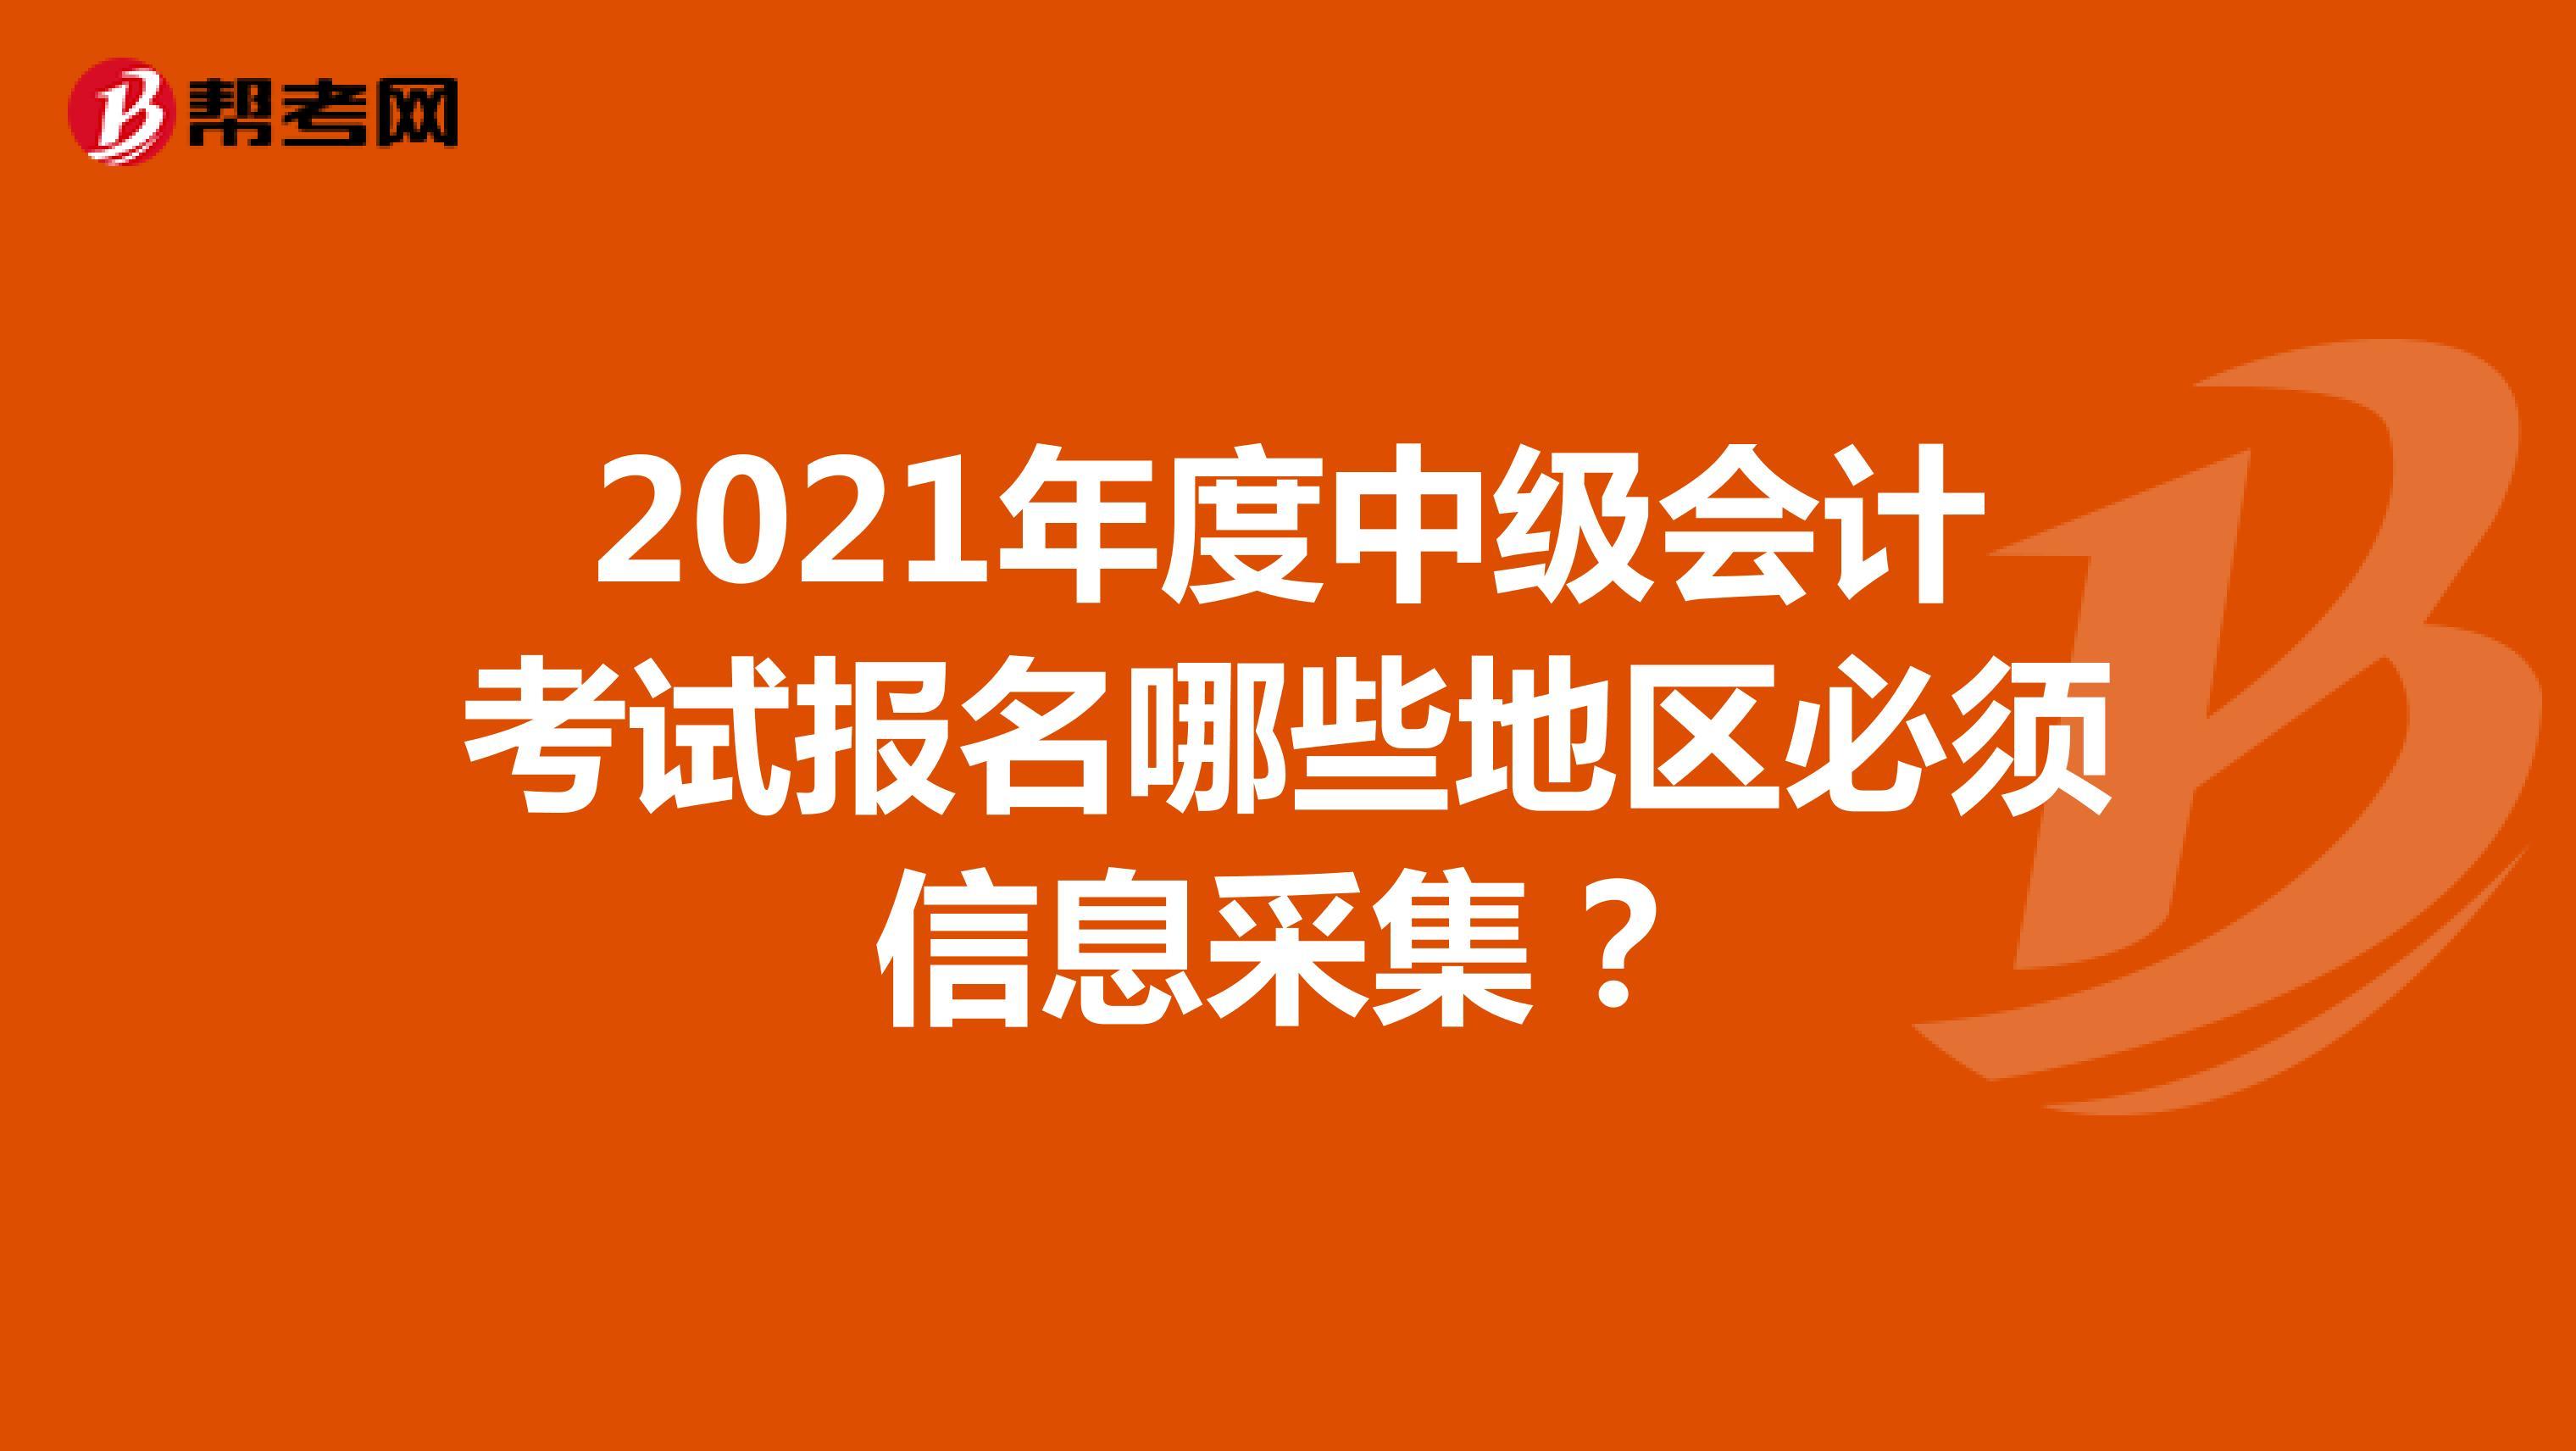 2021年度中级会计考试报名哪些地区必须信息采集?